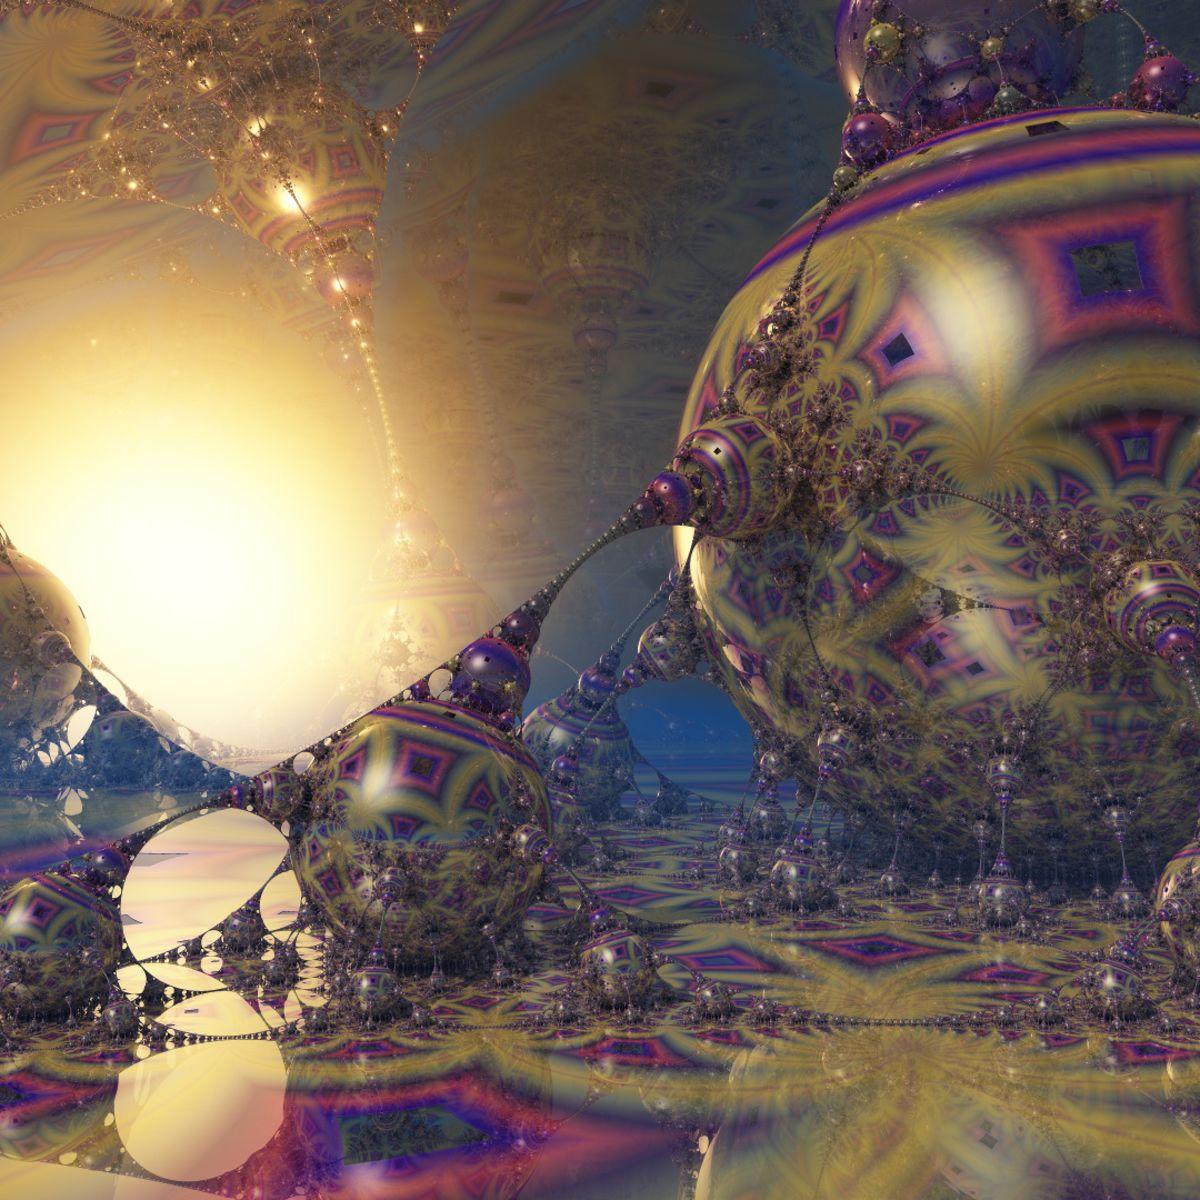 'Pseudo Kleinian' 3d fractal psychedelic art by Krzysztof Marczak